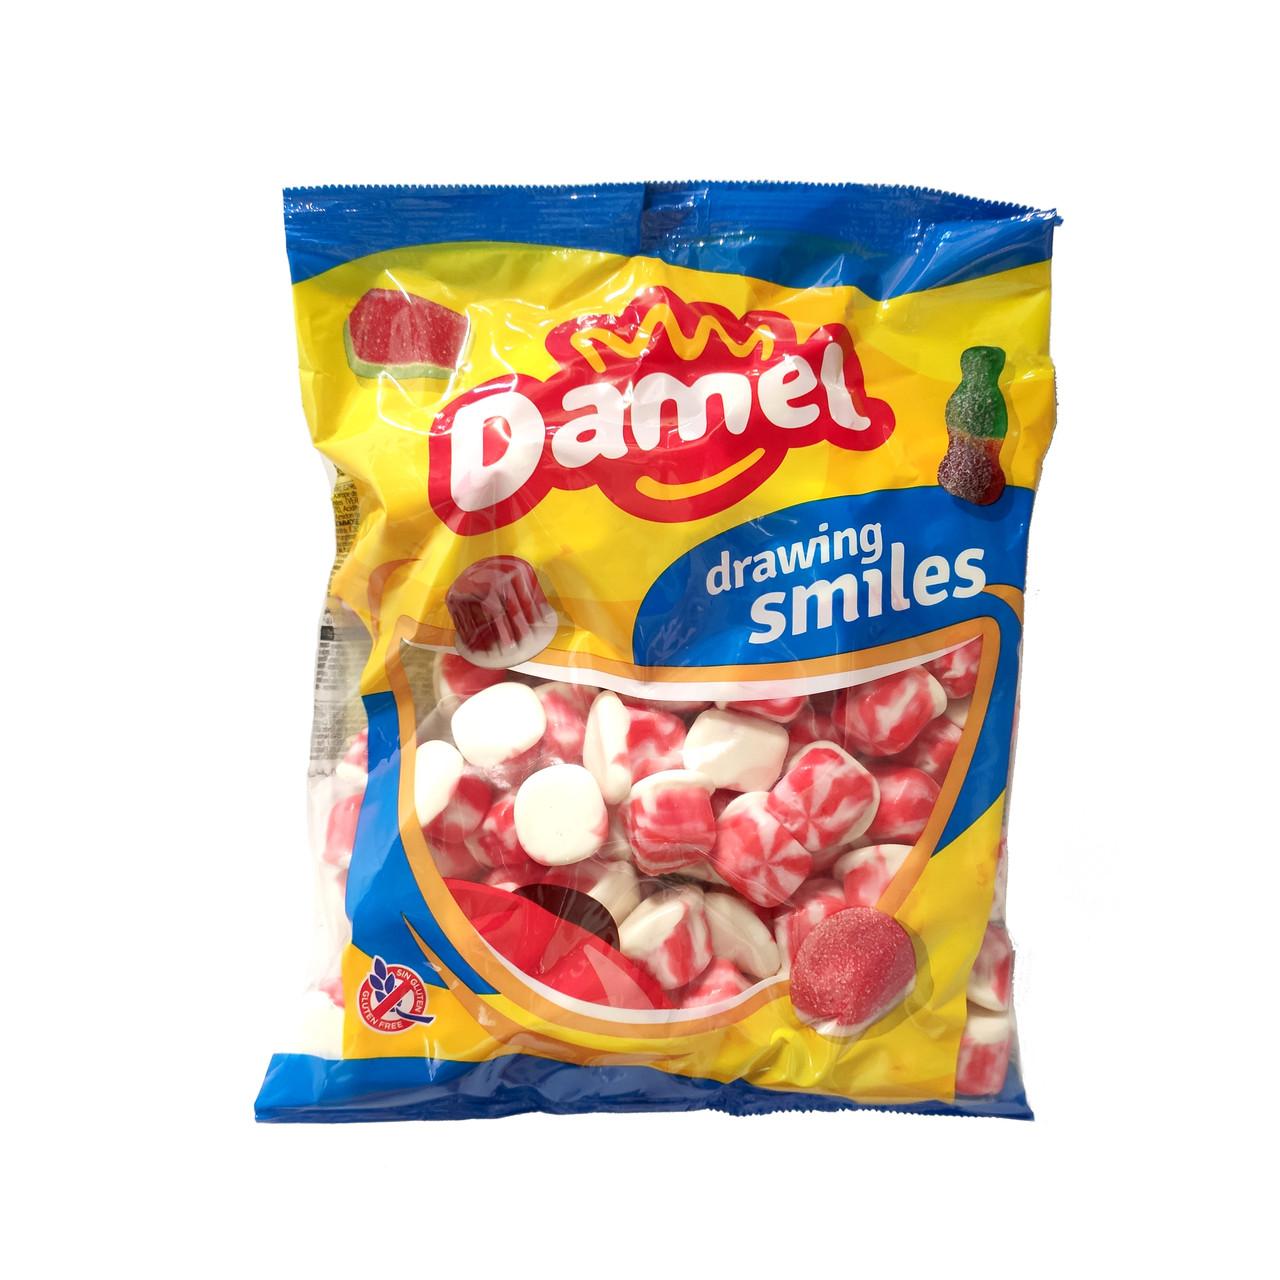 Жуйки Damel Yoghurts йогурт,1кг, 12шт/ящ